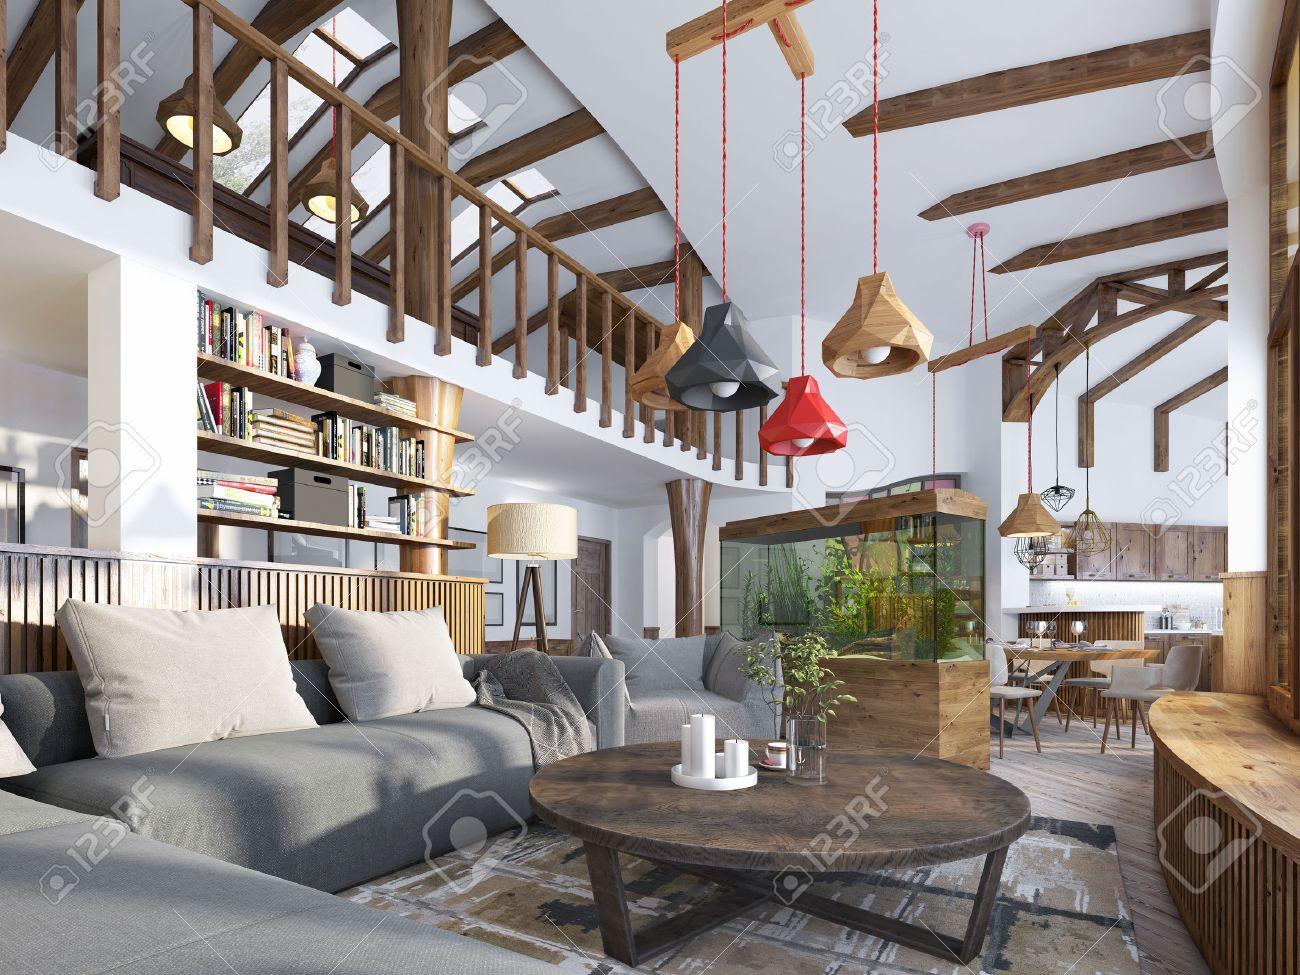 Interieur Salle De Sejour Style Loft Maisonnette D Un Salon